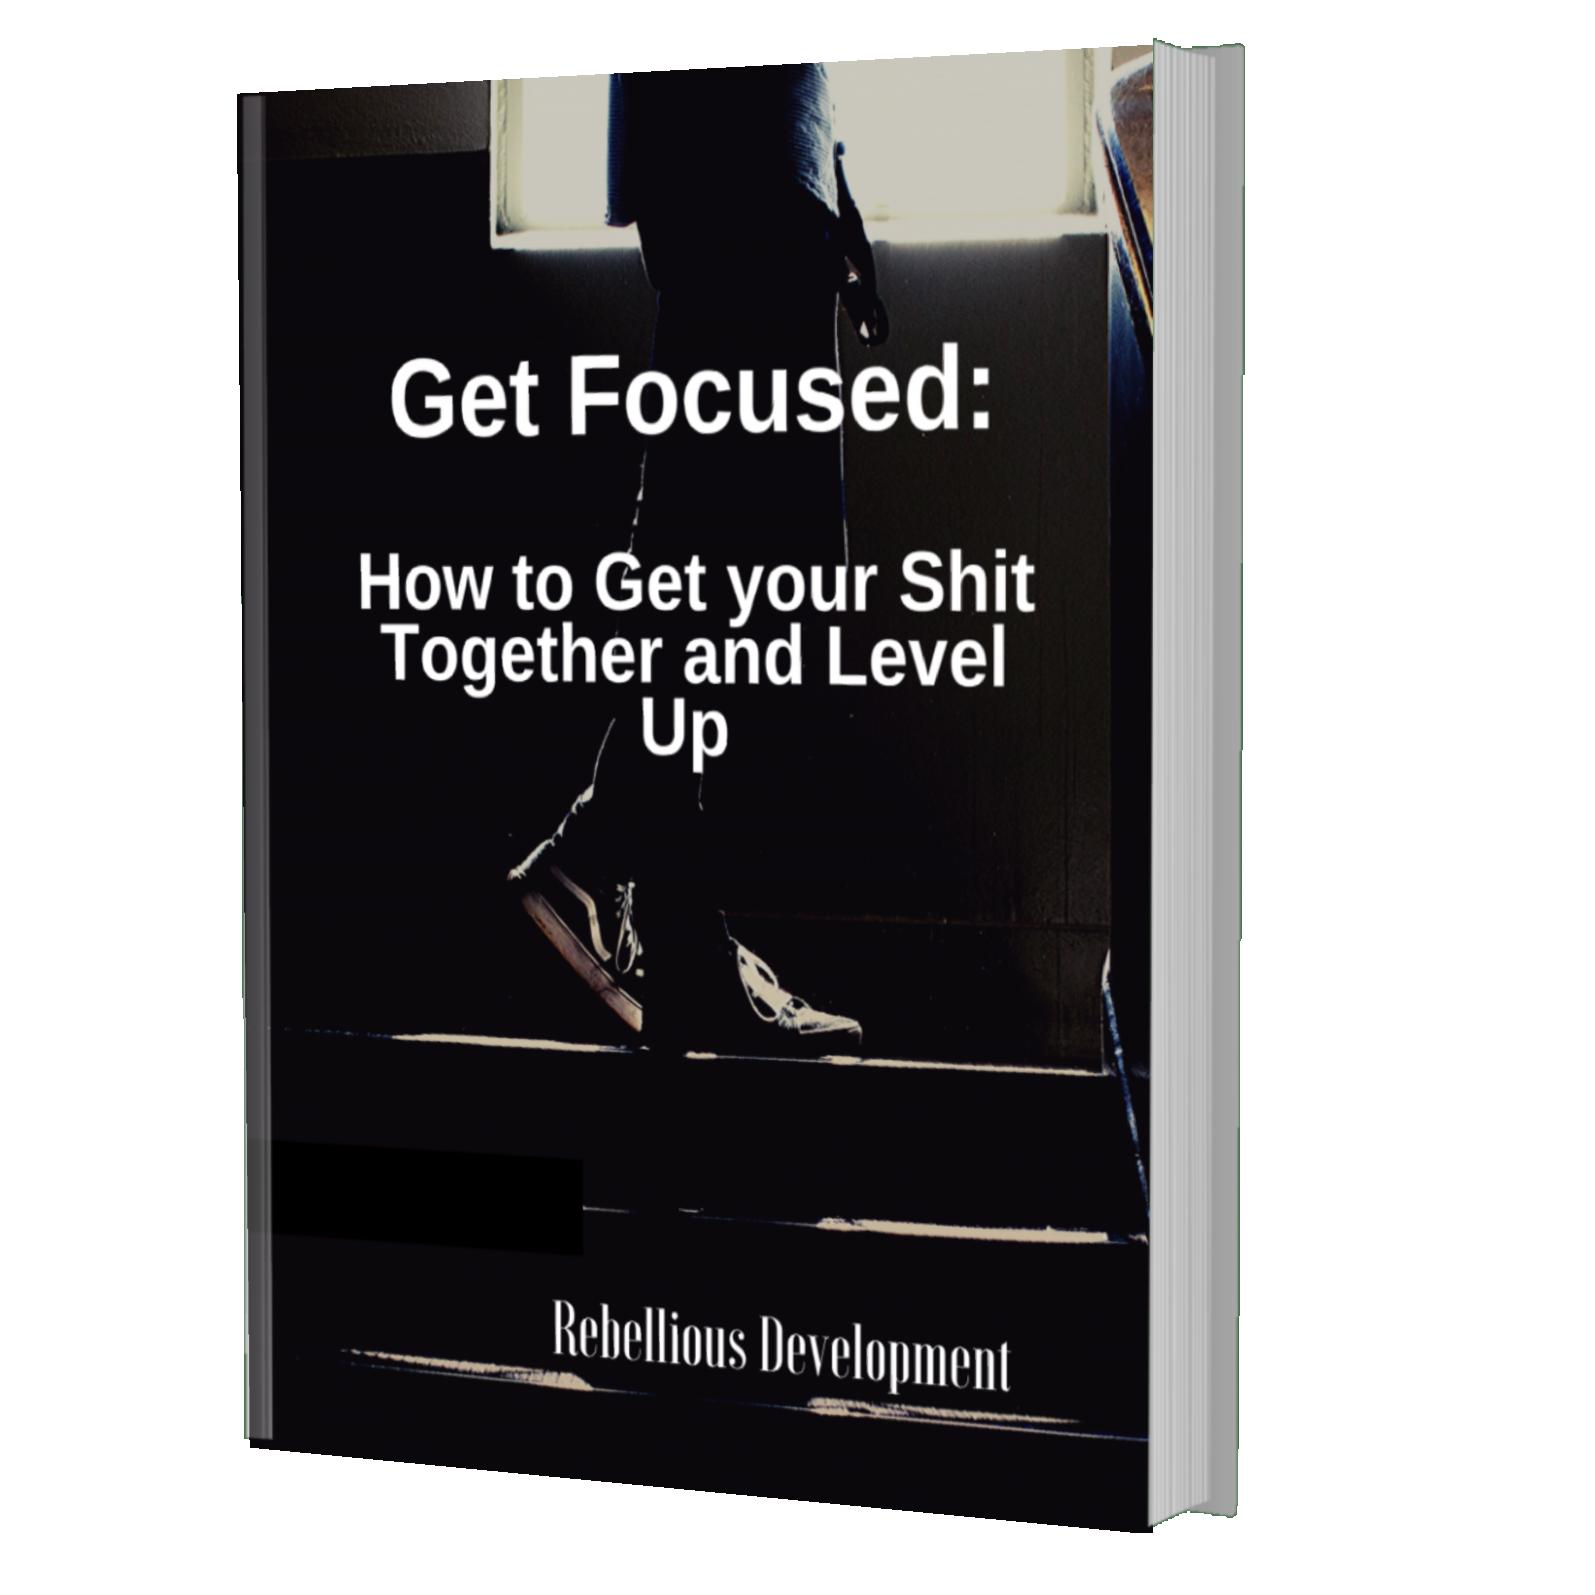 Get focused - ebook cover